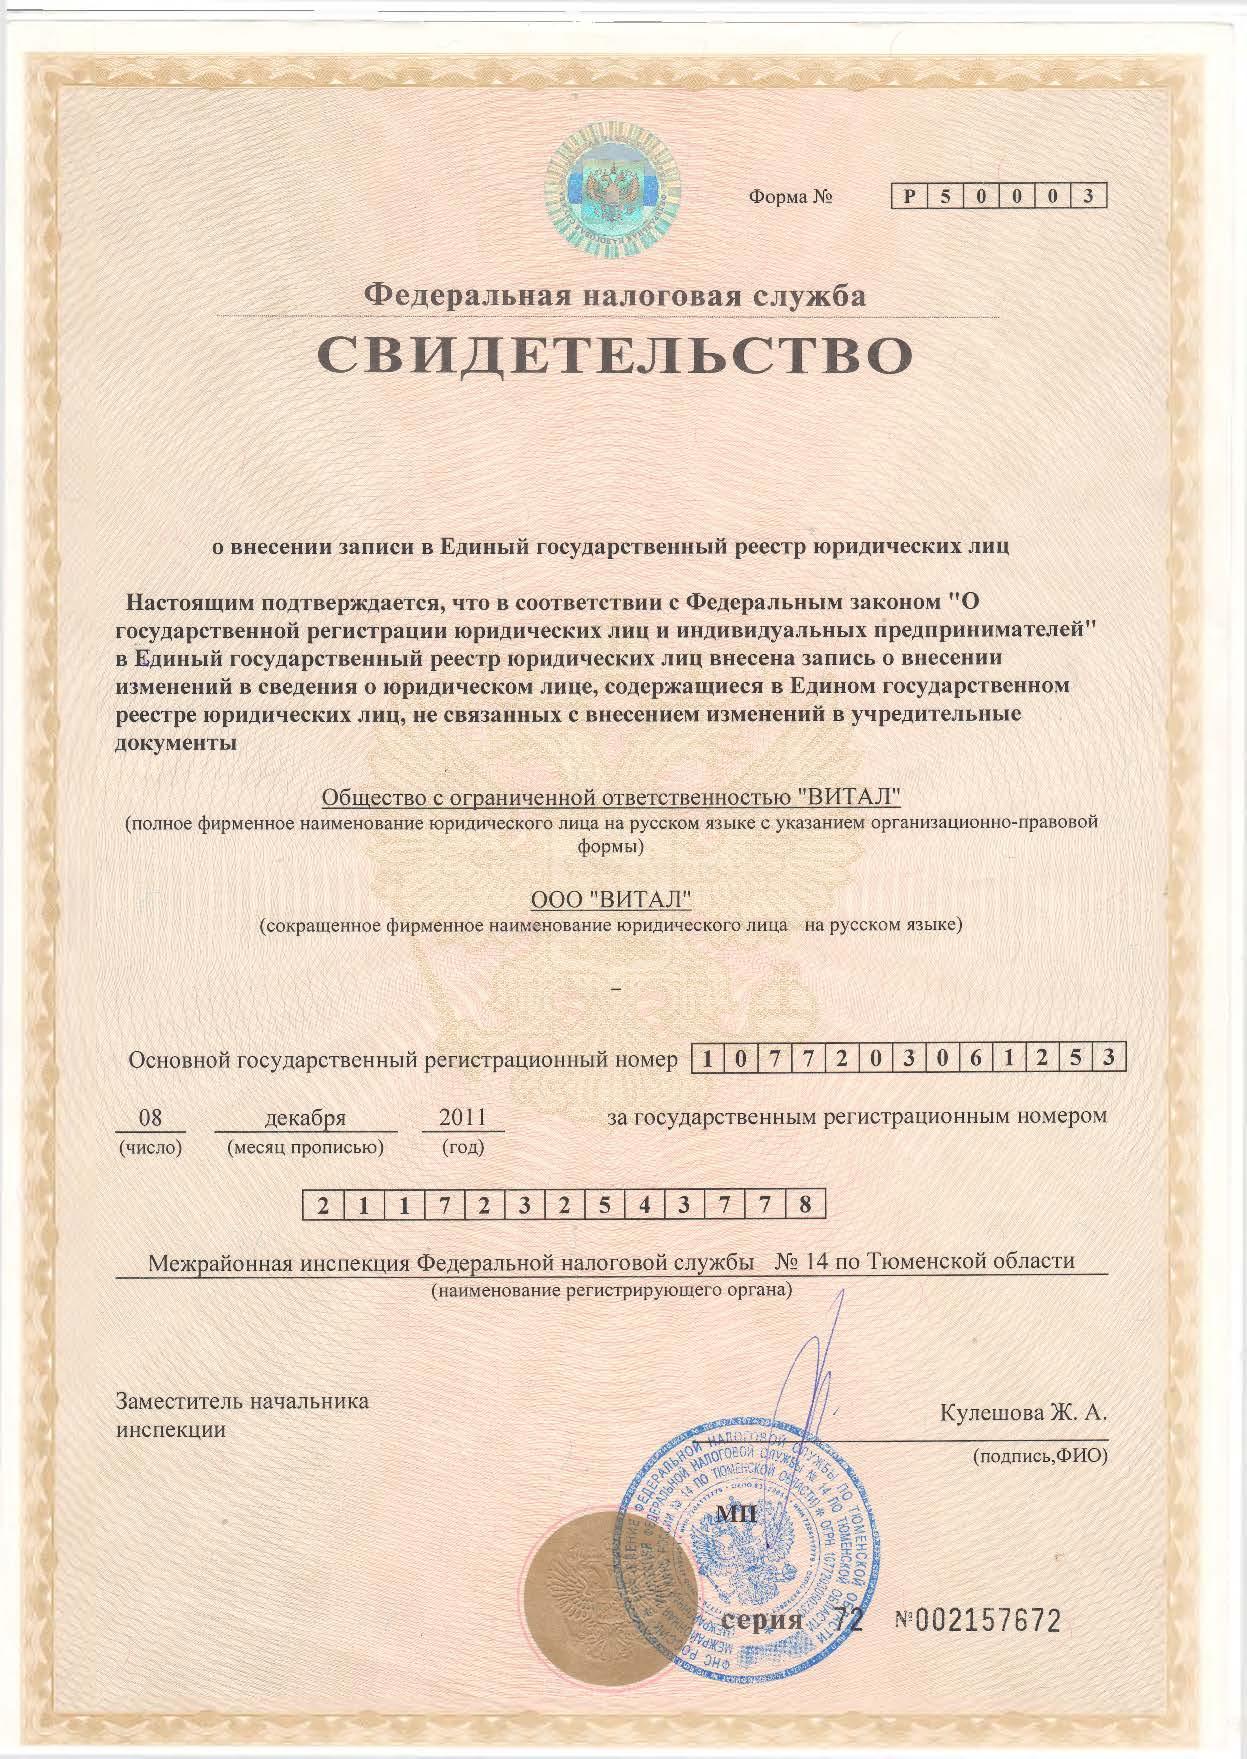 Свидетельство о внесении зиписи в ЕГРЮЛ